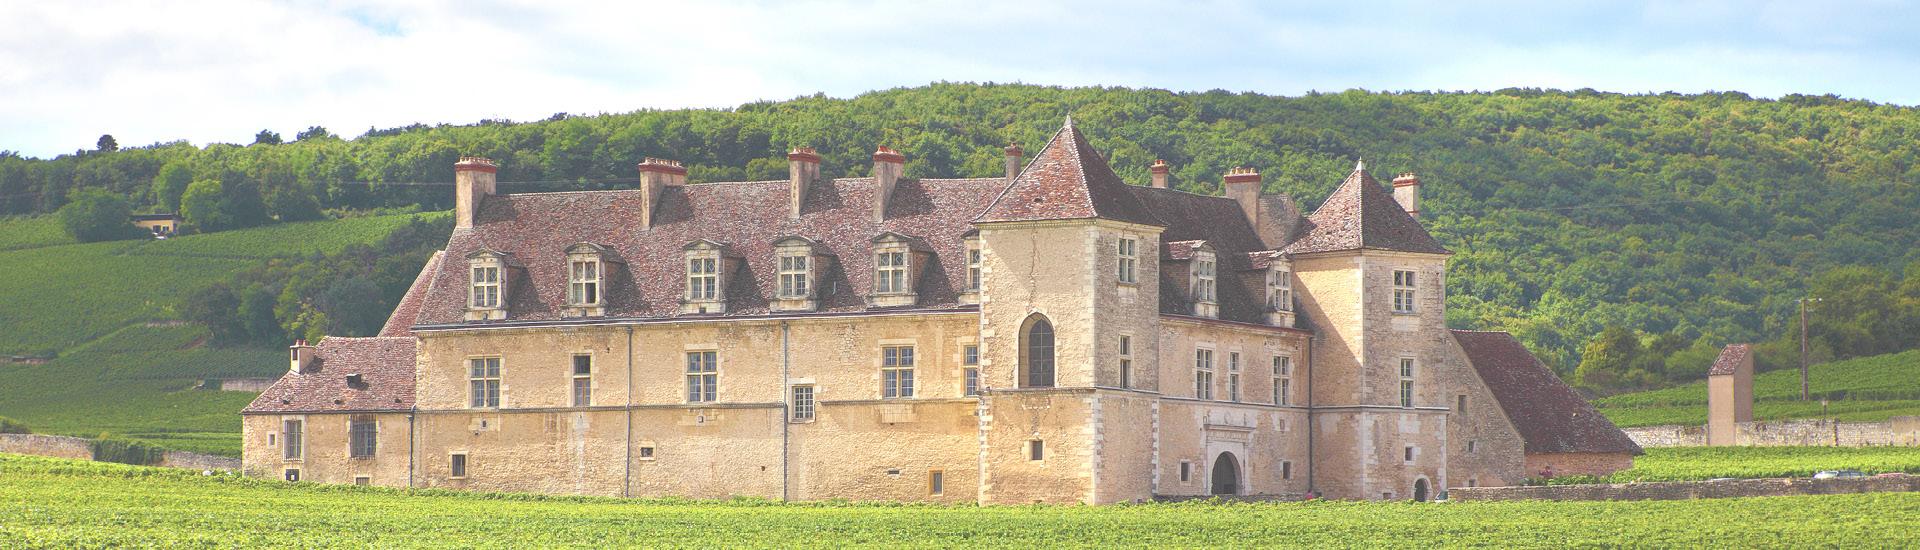 Weine - Bordeaux 2017: Top-Weine der französischen Meisterklasse 03/2021 - Slider